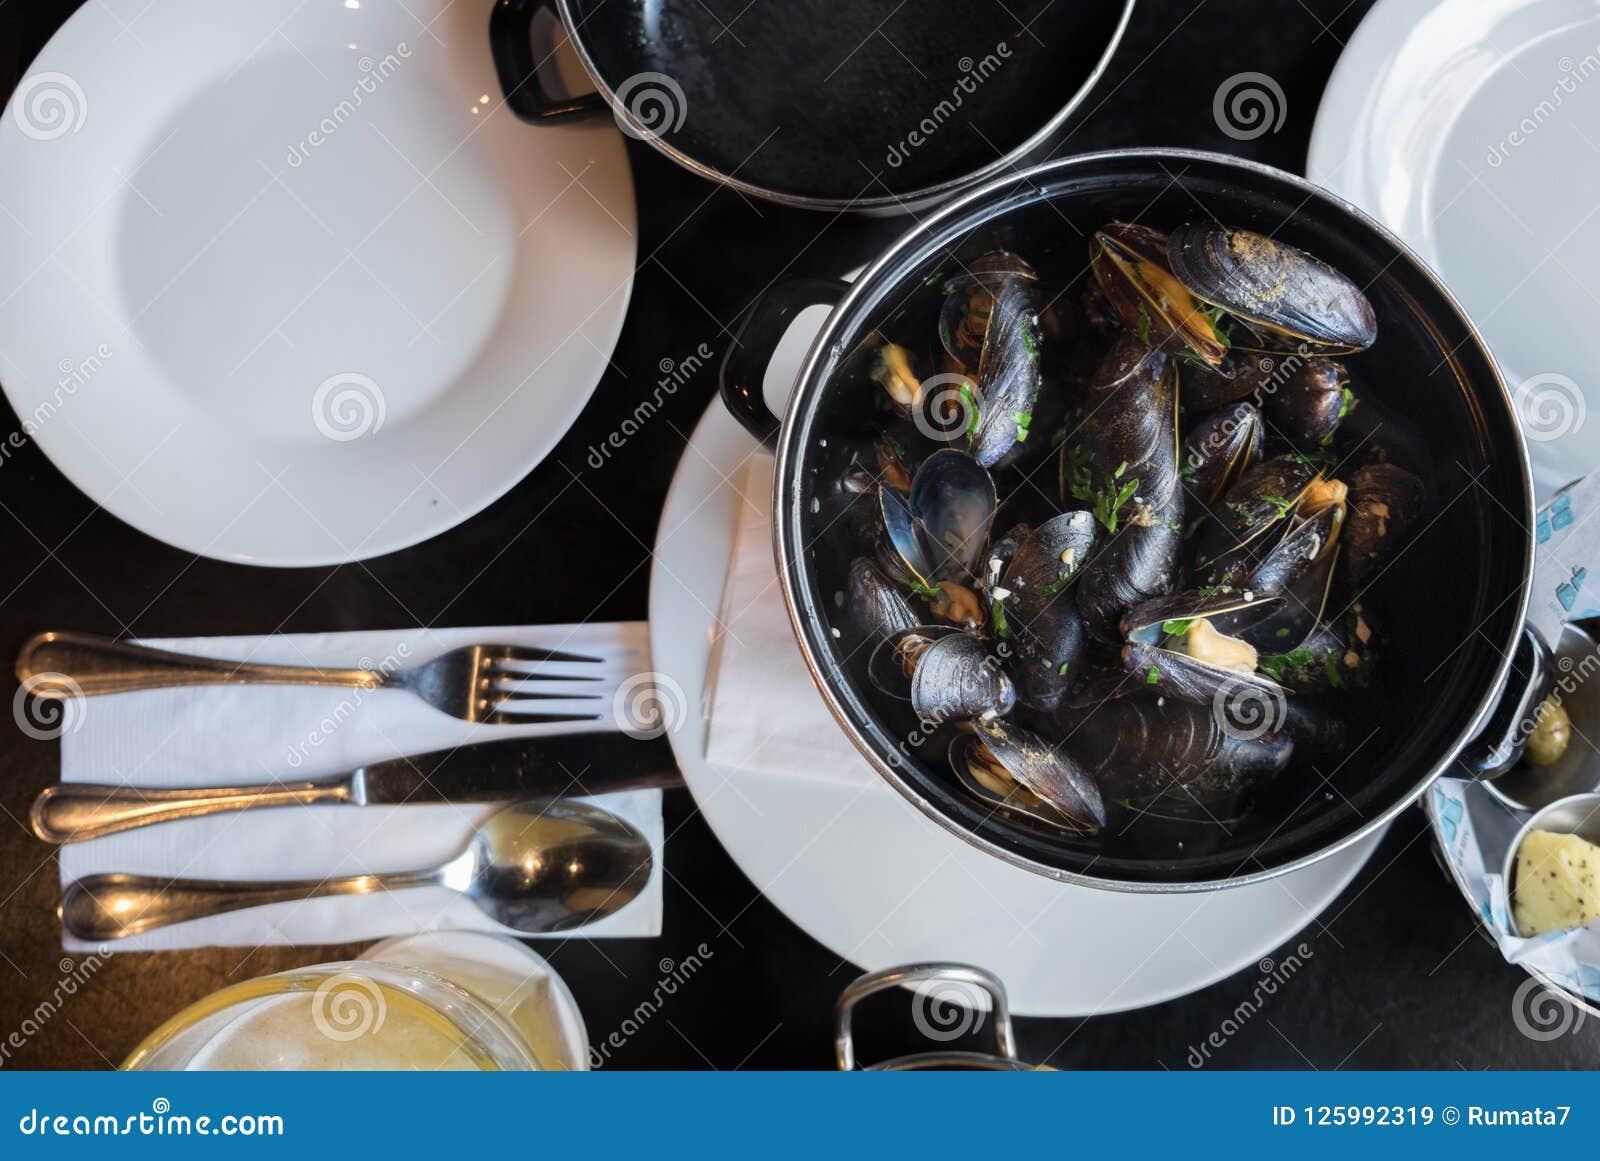 Belgijski lunch: odparowani mussels, francuzów dłoniaki i piwo,